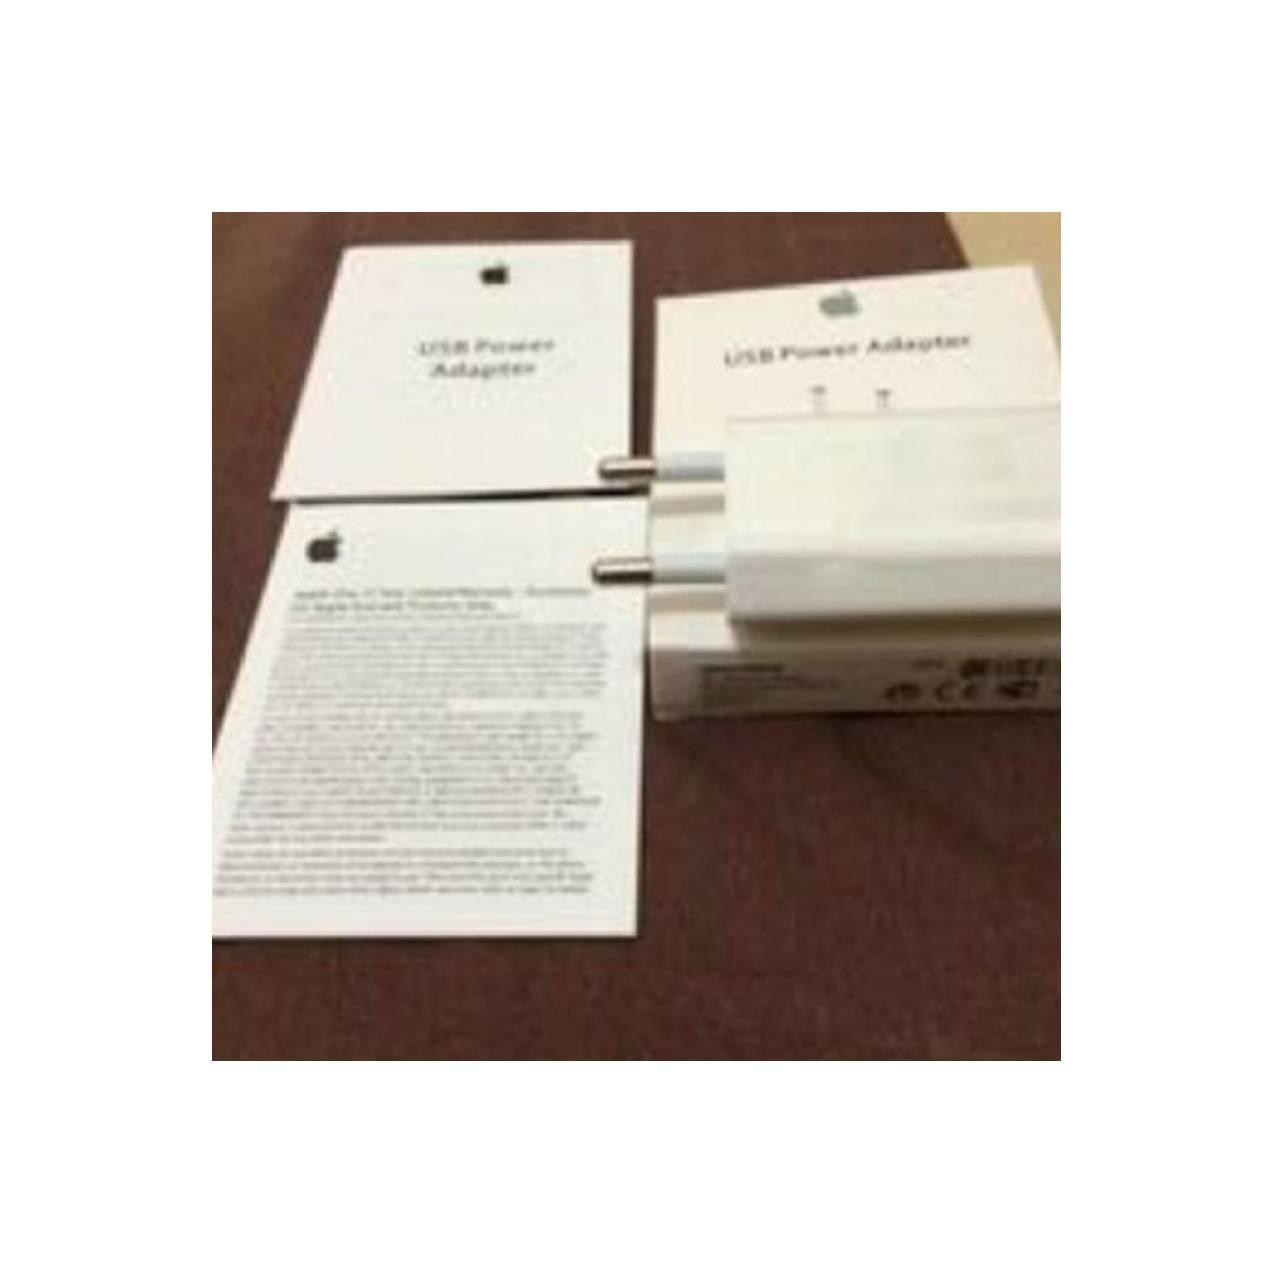 Jual Adaptor Kepala Charger Iphone 5 5S 6 6S+7 7+ Ipod Ipad Mini 5 Ori